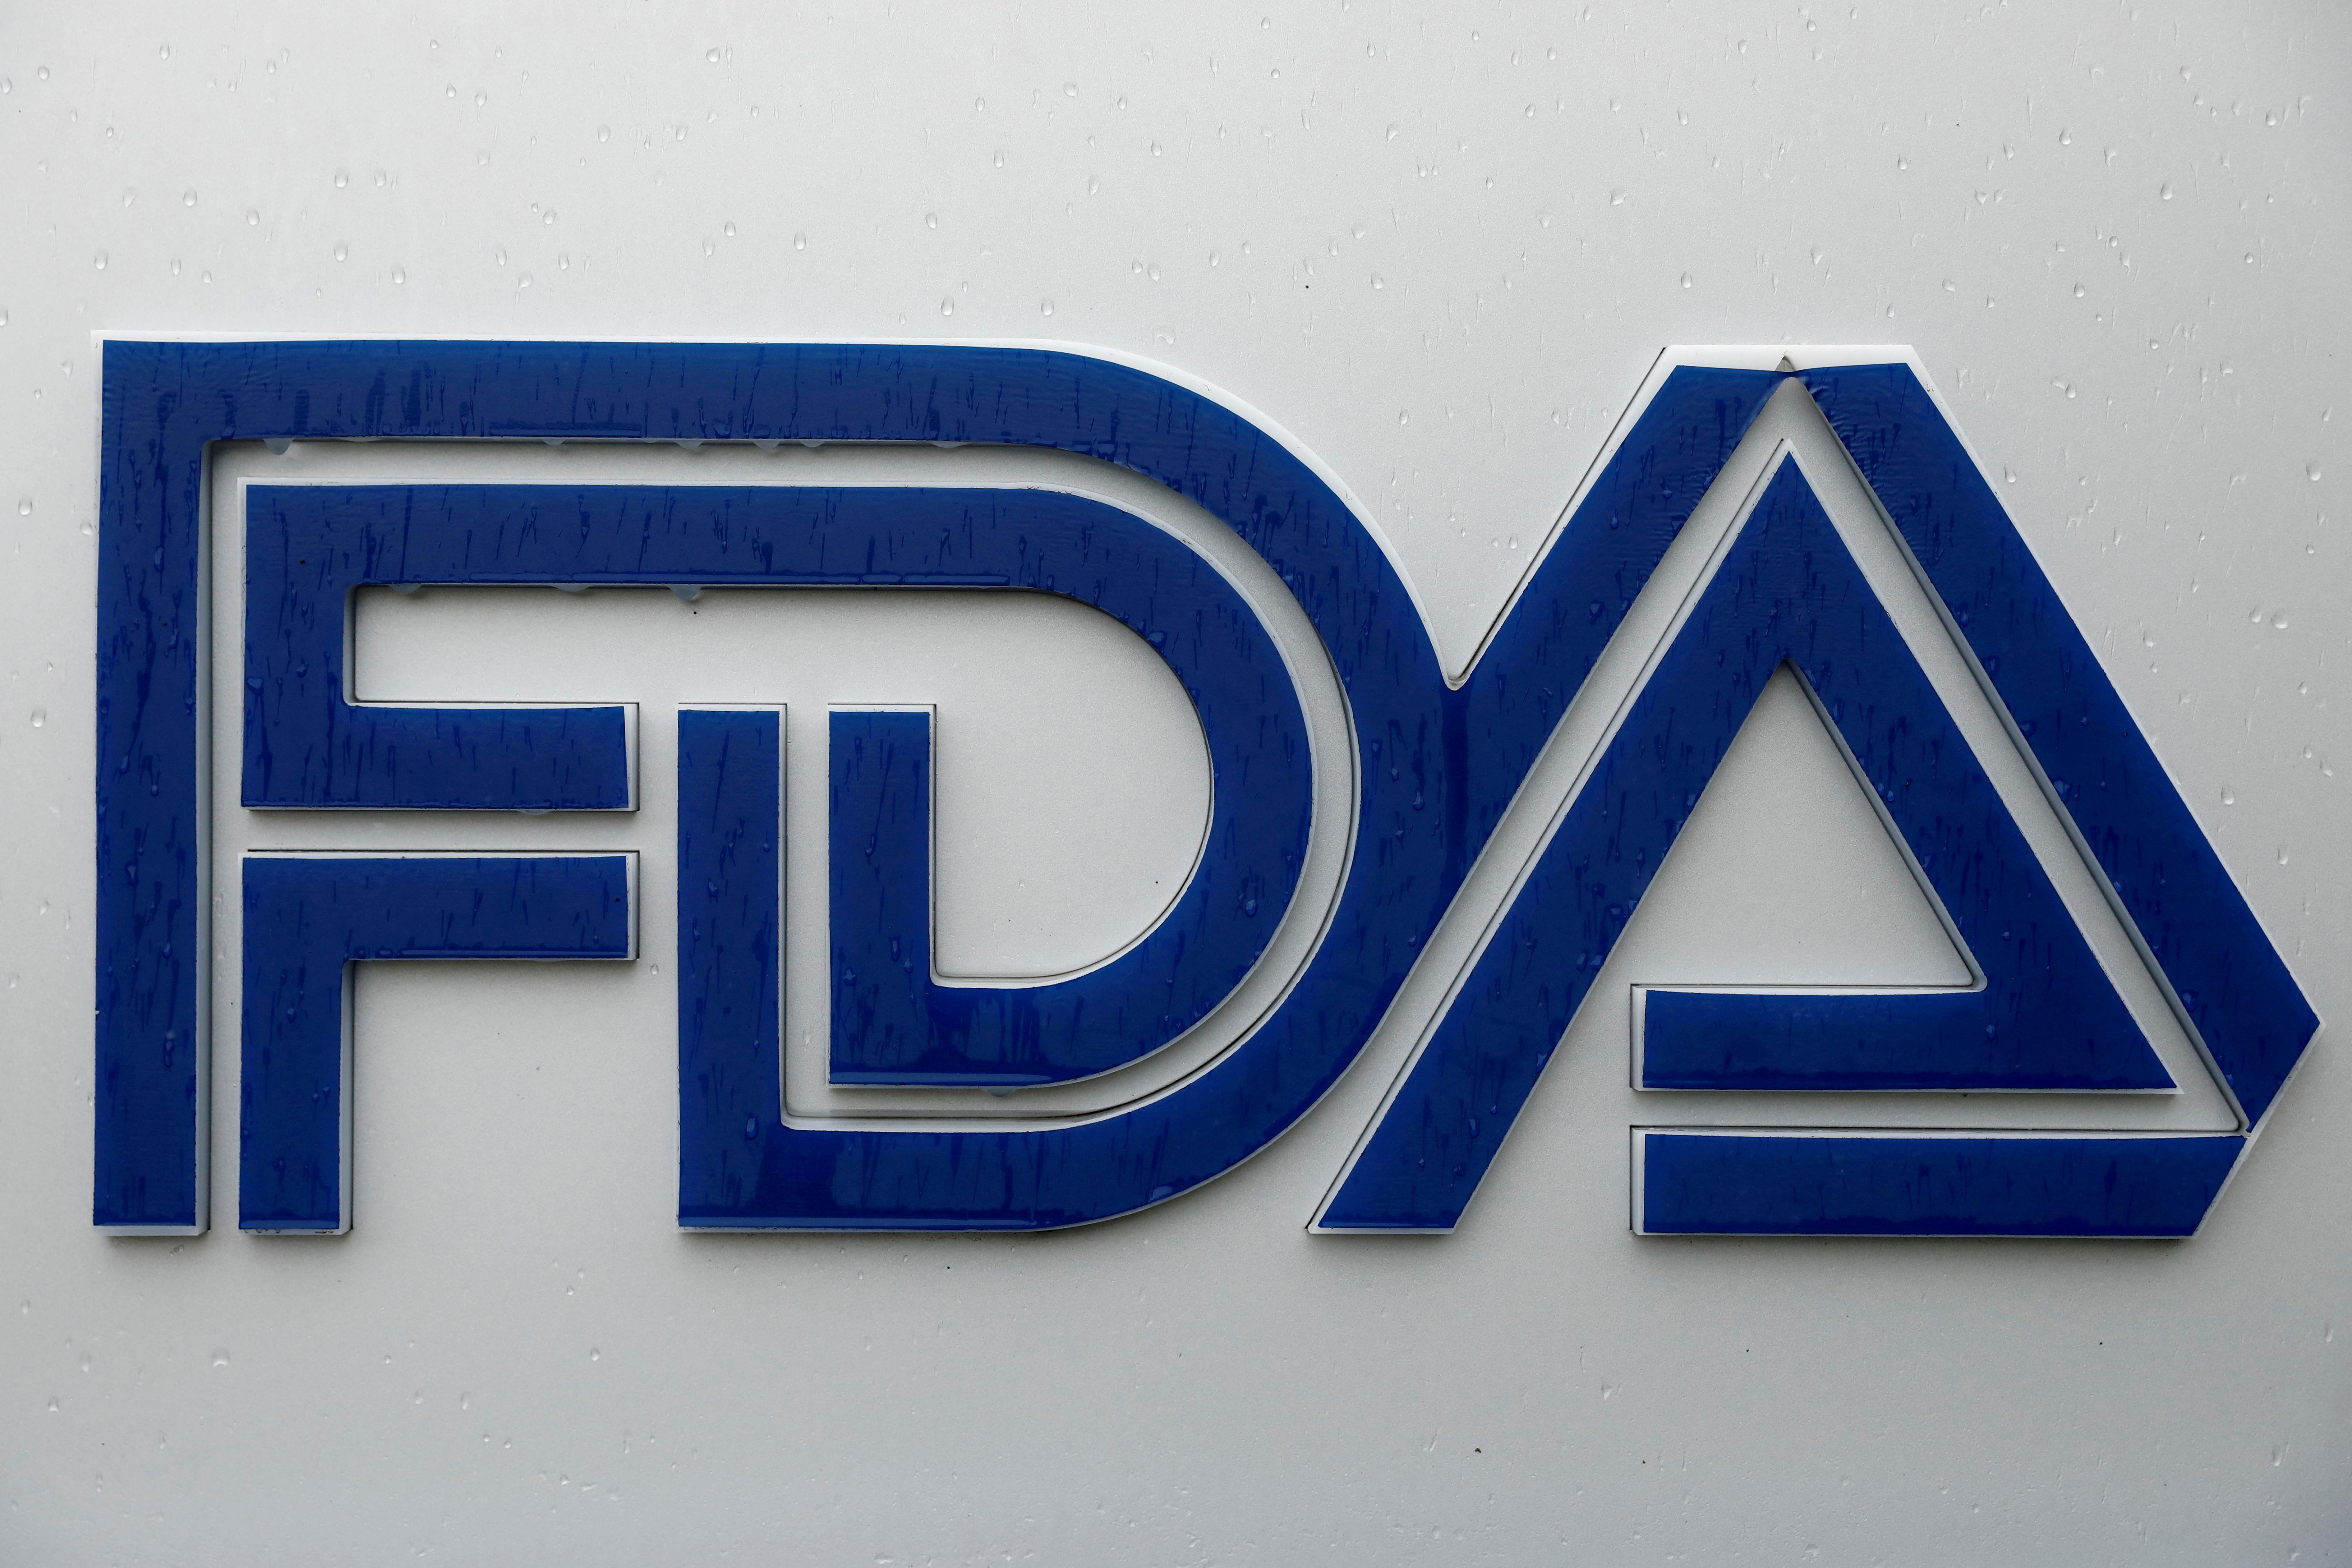 Biển báo được nhìn thấy bên ngoài trụ sở Cục Quản lý Thực phẩm và Dược phẩm (FDA) ở White Oak, Maryland, Hoa Kỳ, ngày 29 tháng 8 năm 2020. REUTERS / Andrew Kelly